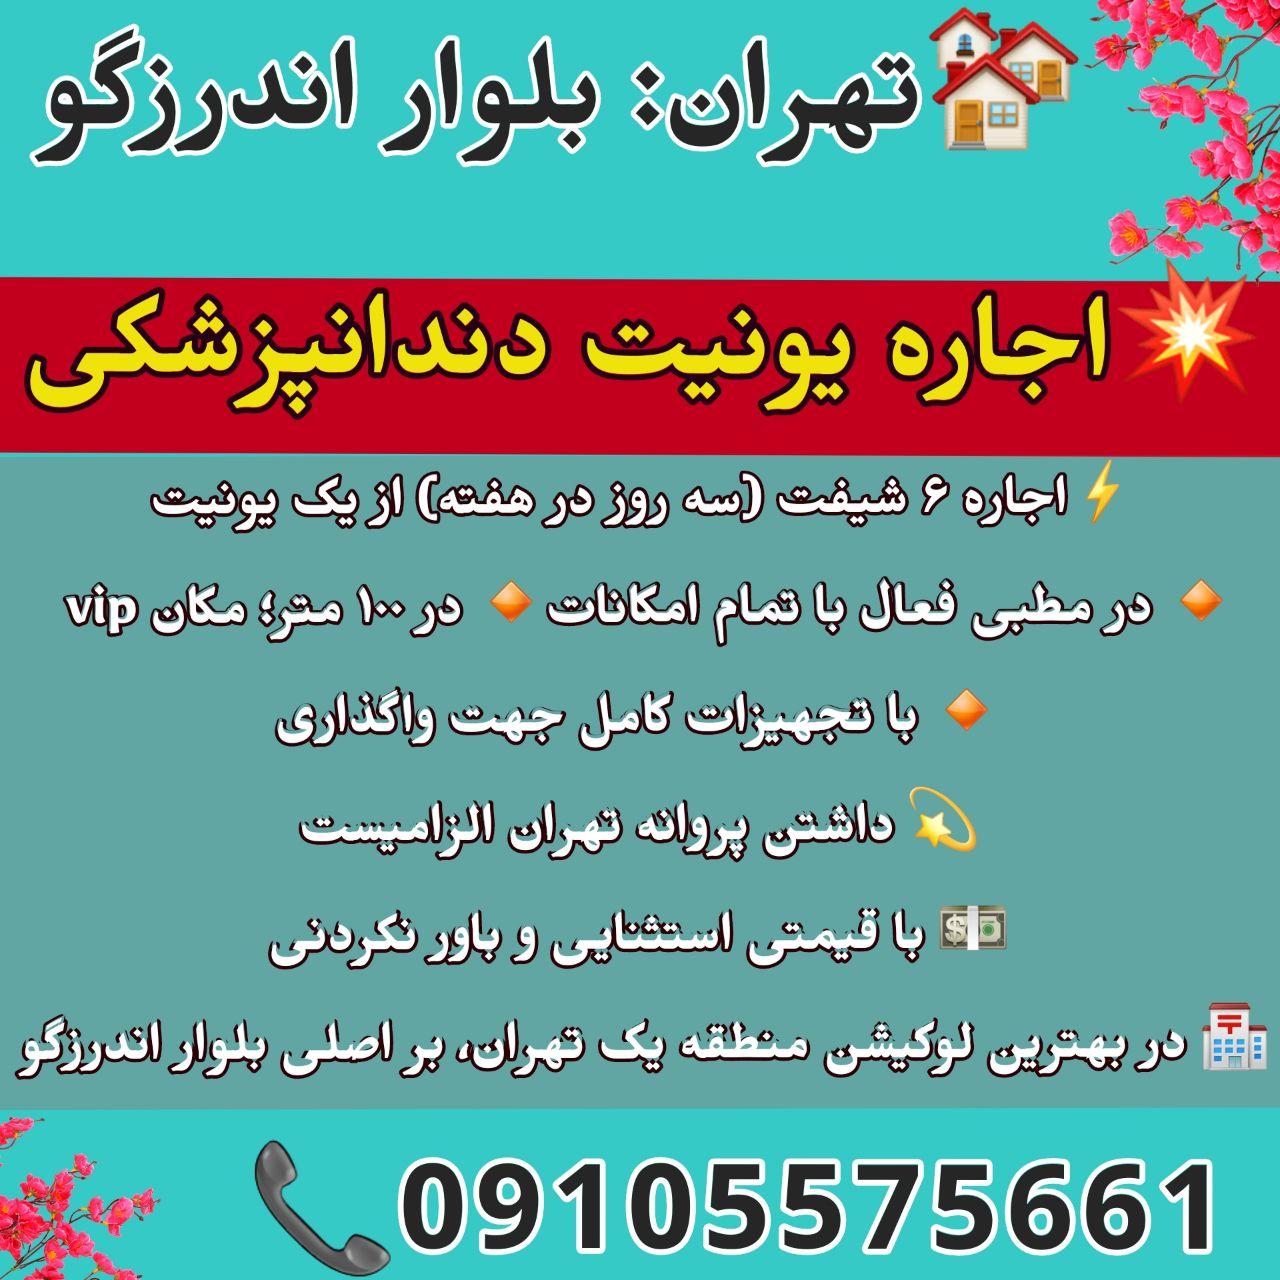 تهران: بلوار اندرزگو